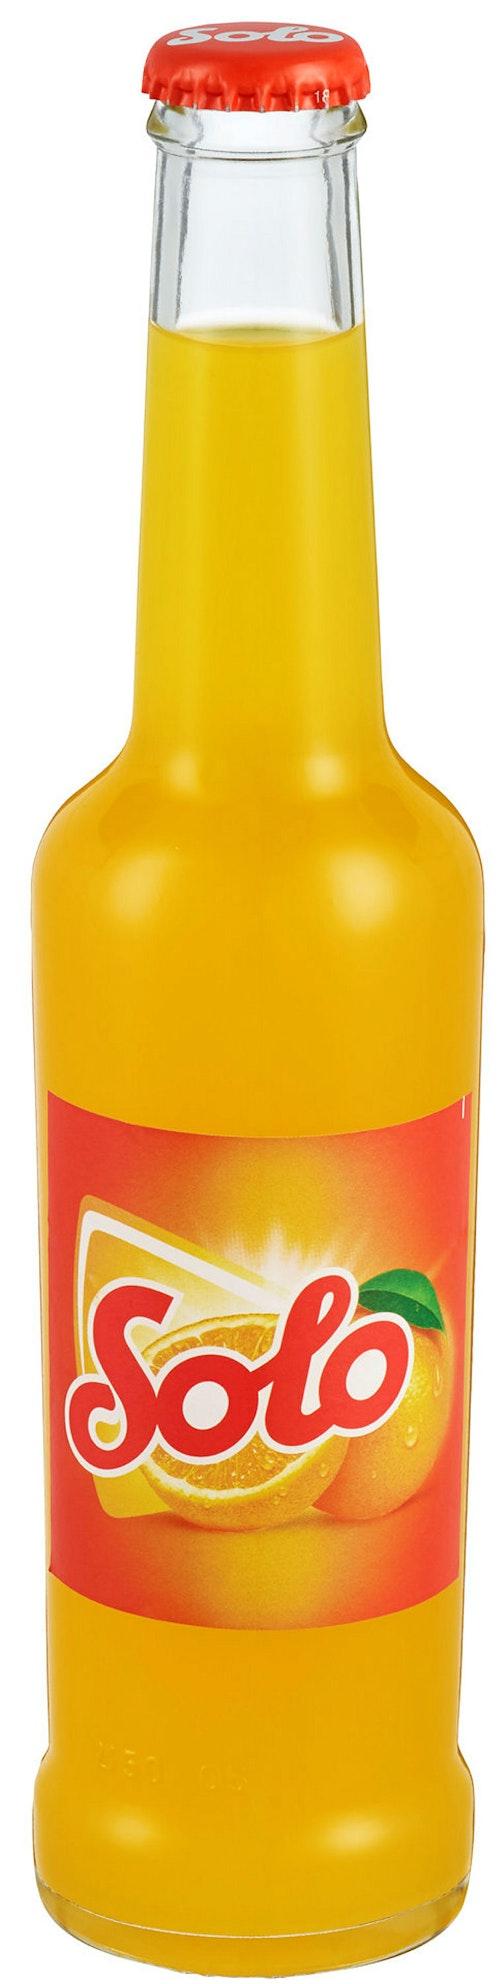 Solo Solo Glassflaske, 0,3 l